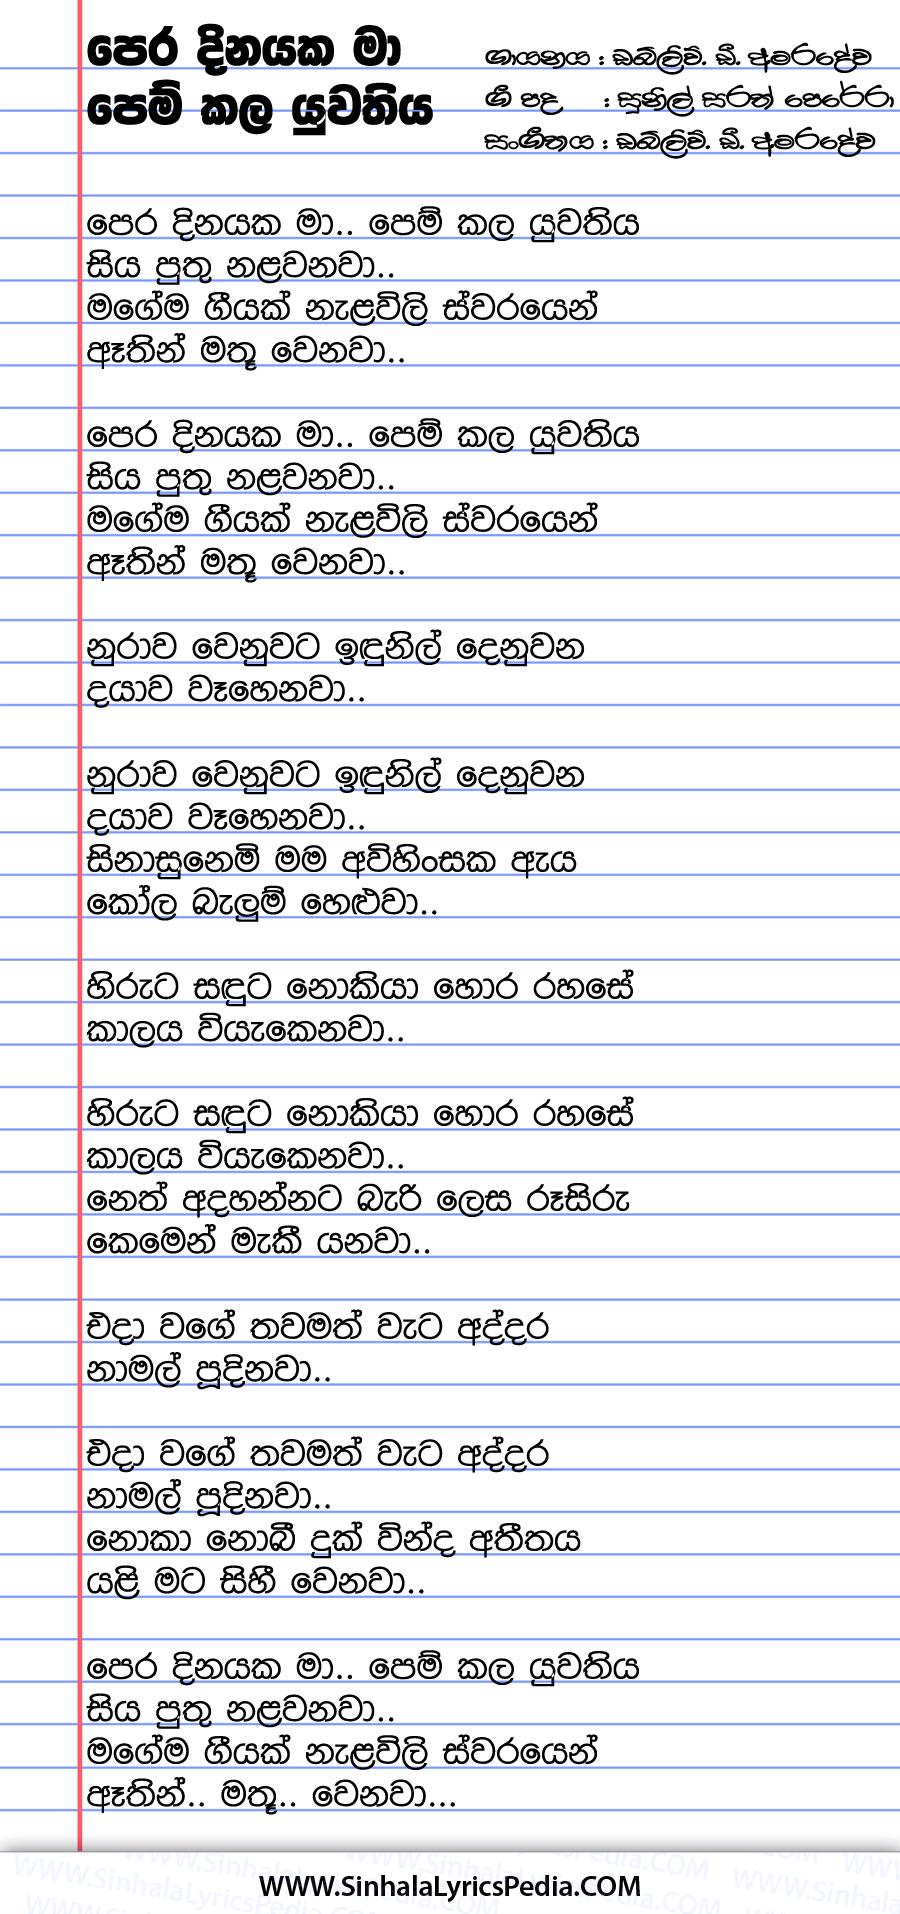 Pera Dinayaka Ma Pem Kala Yuwathiya Song Lyrics